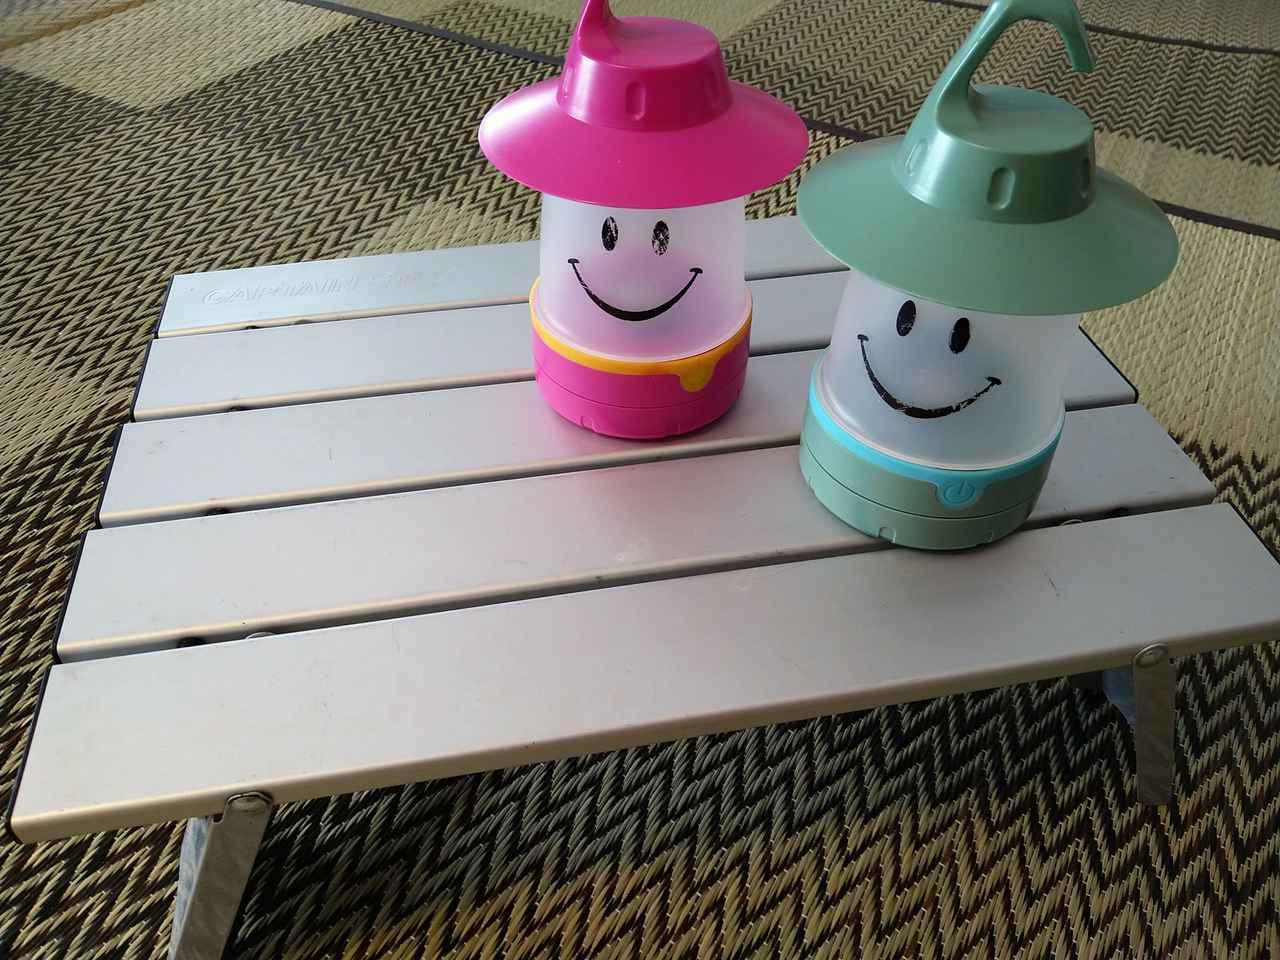 画像: 【レビュー】キャプテンスタッグの名品「アルミロールテーブル」は安くて軽くて丈夫!自宅やピクニックでも活躍 - ハピキャン|キャンプ・アウトドア情報メディア